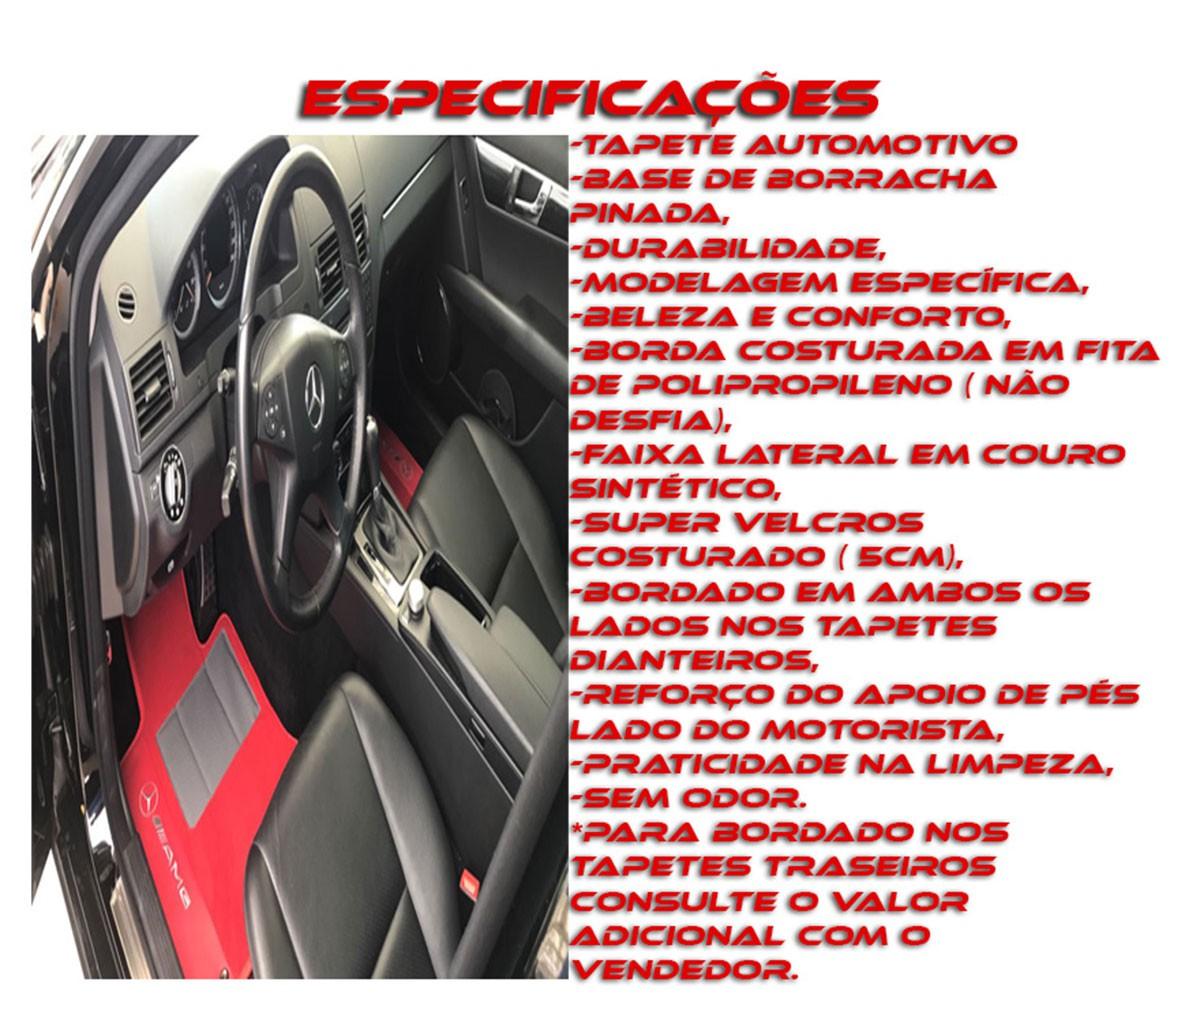 Jogo de Tapetes Hitto Sandero Luxo Base borracha Renault SPort